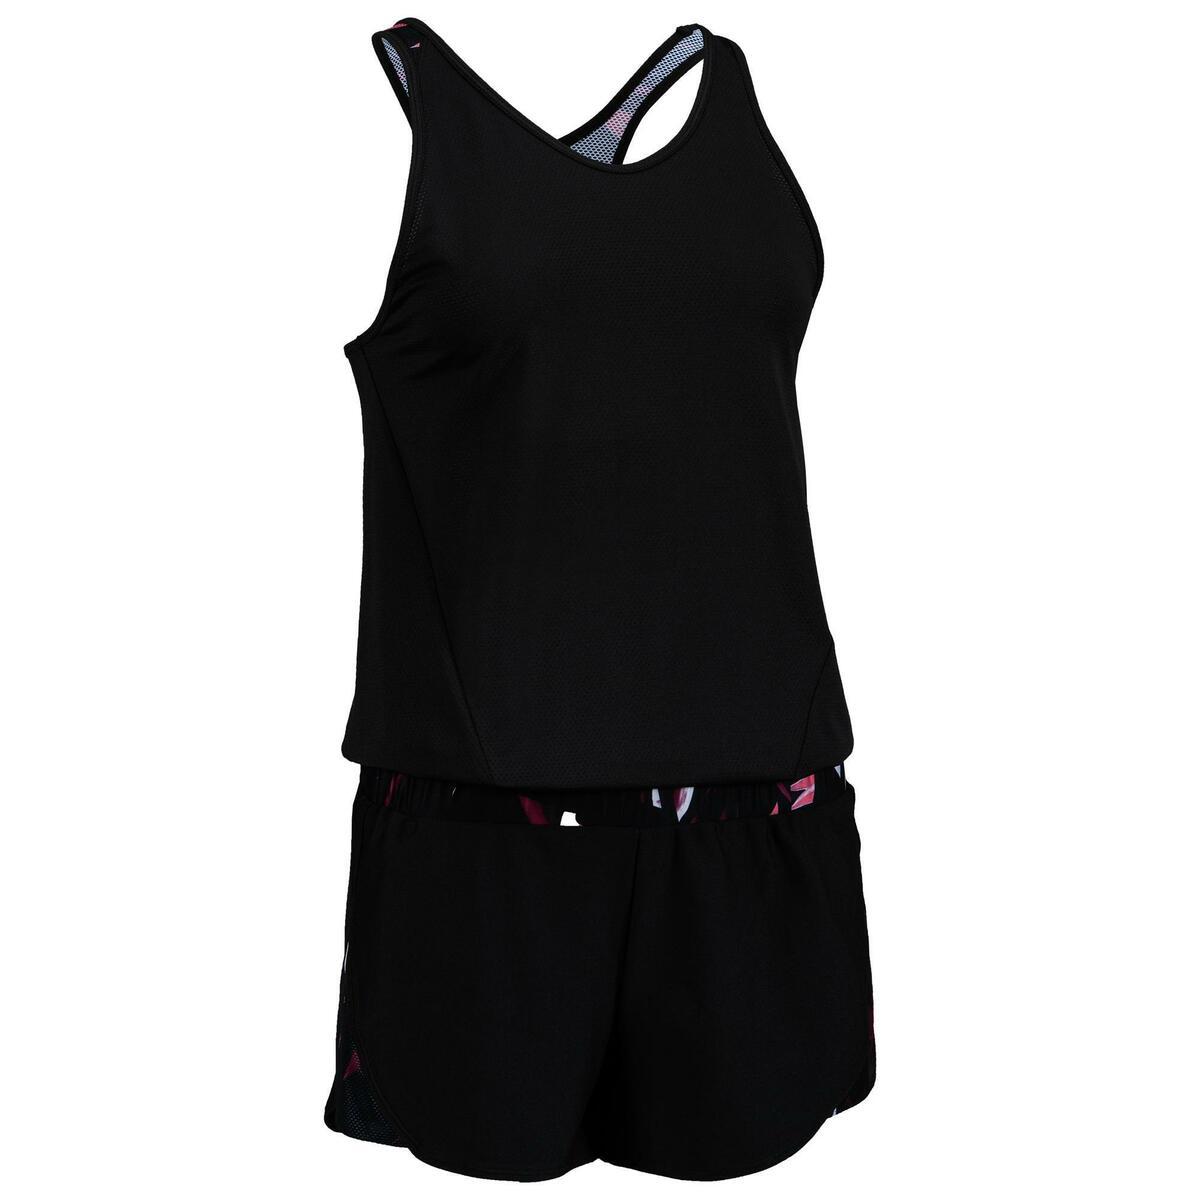 Bild 1 von Jumpsuit FJS 500 Cardio Fitness Damen schwarz